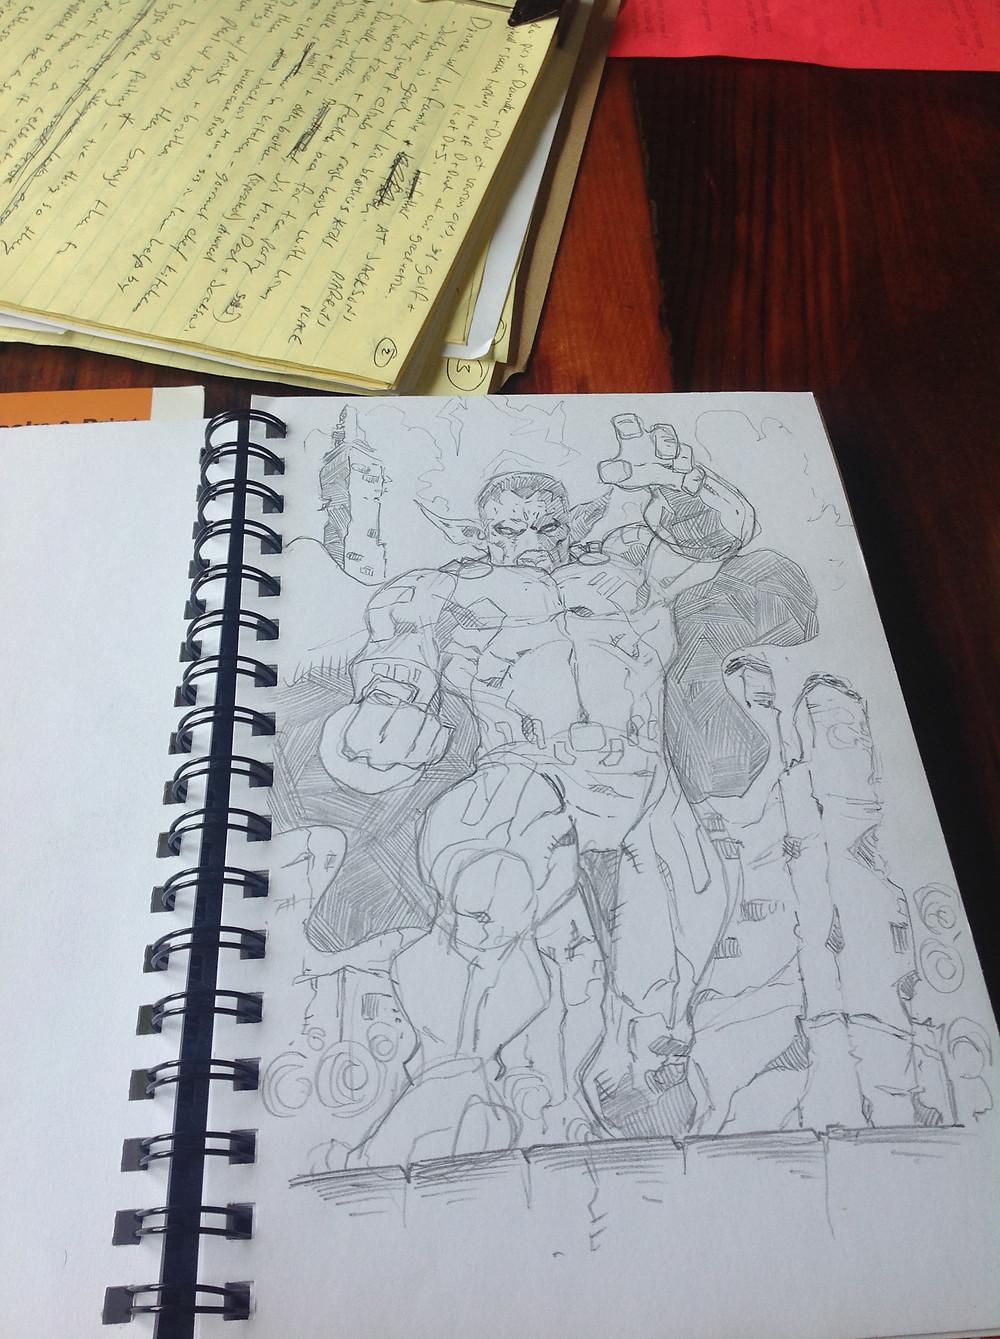 General N'Ruvos Sketch